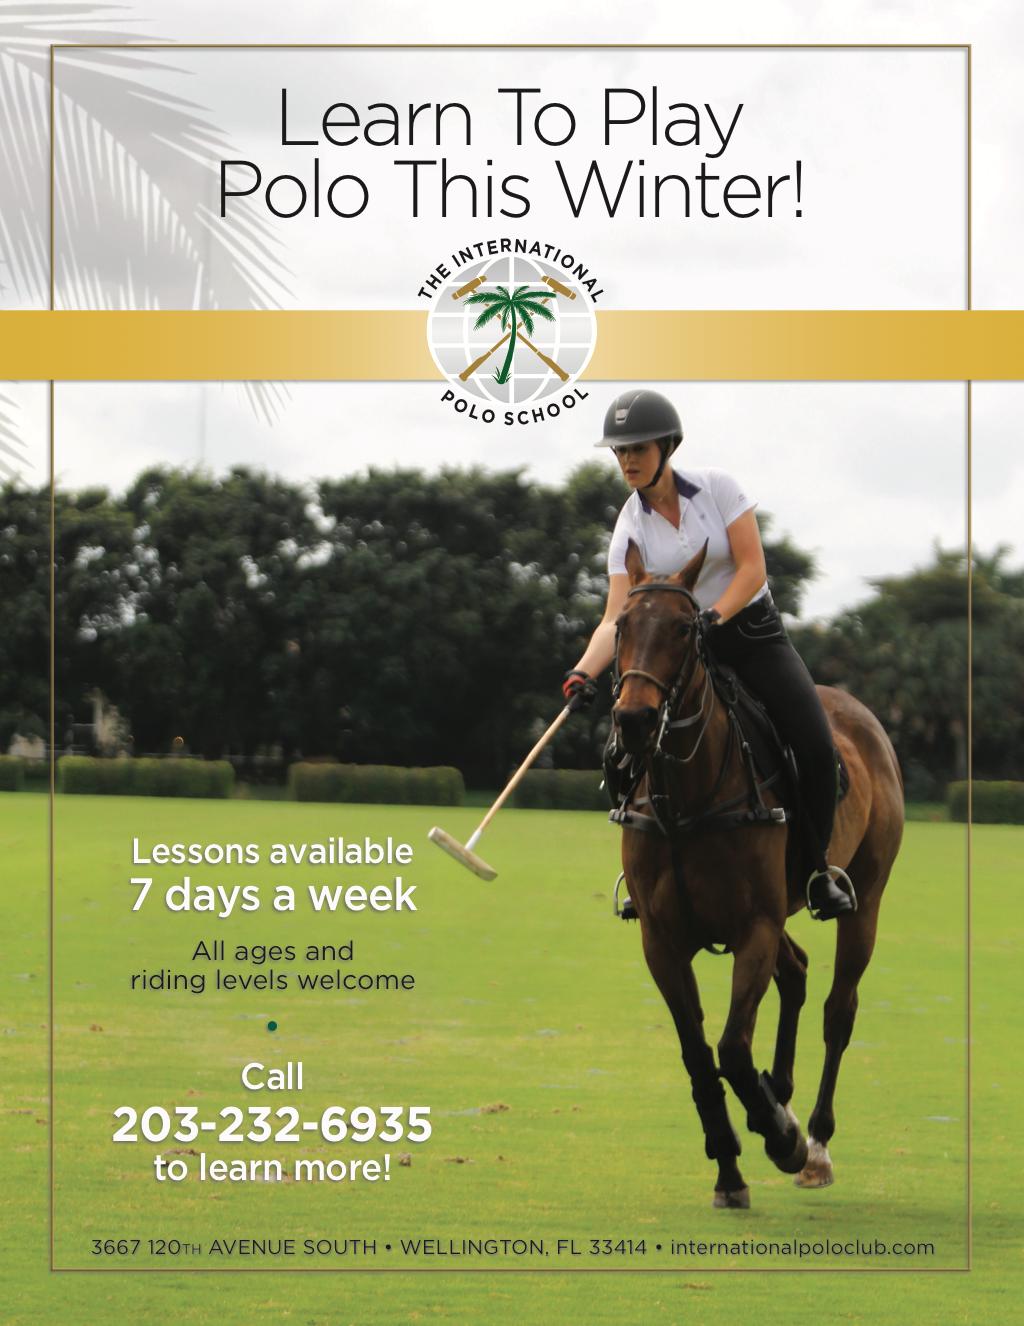 FINAL Polo School promo